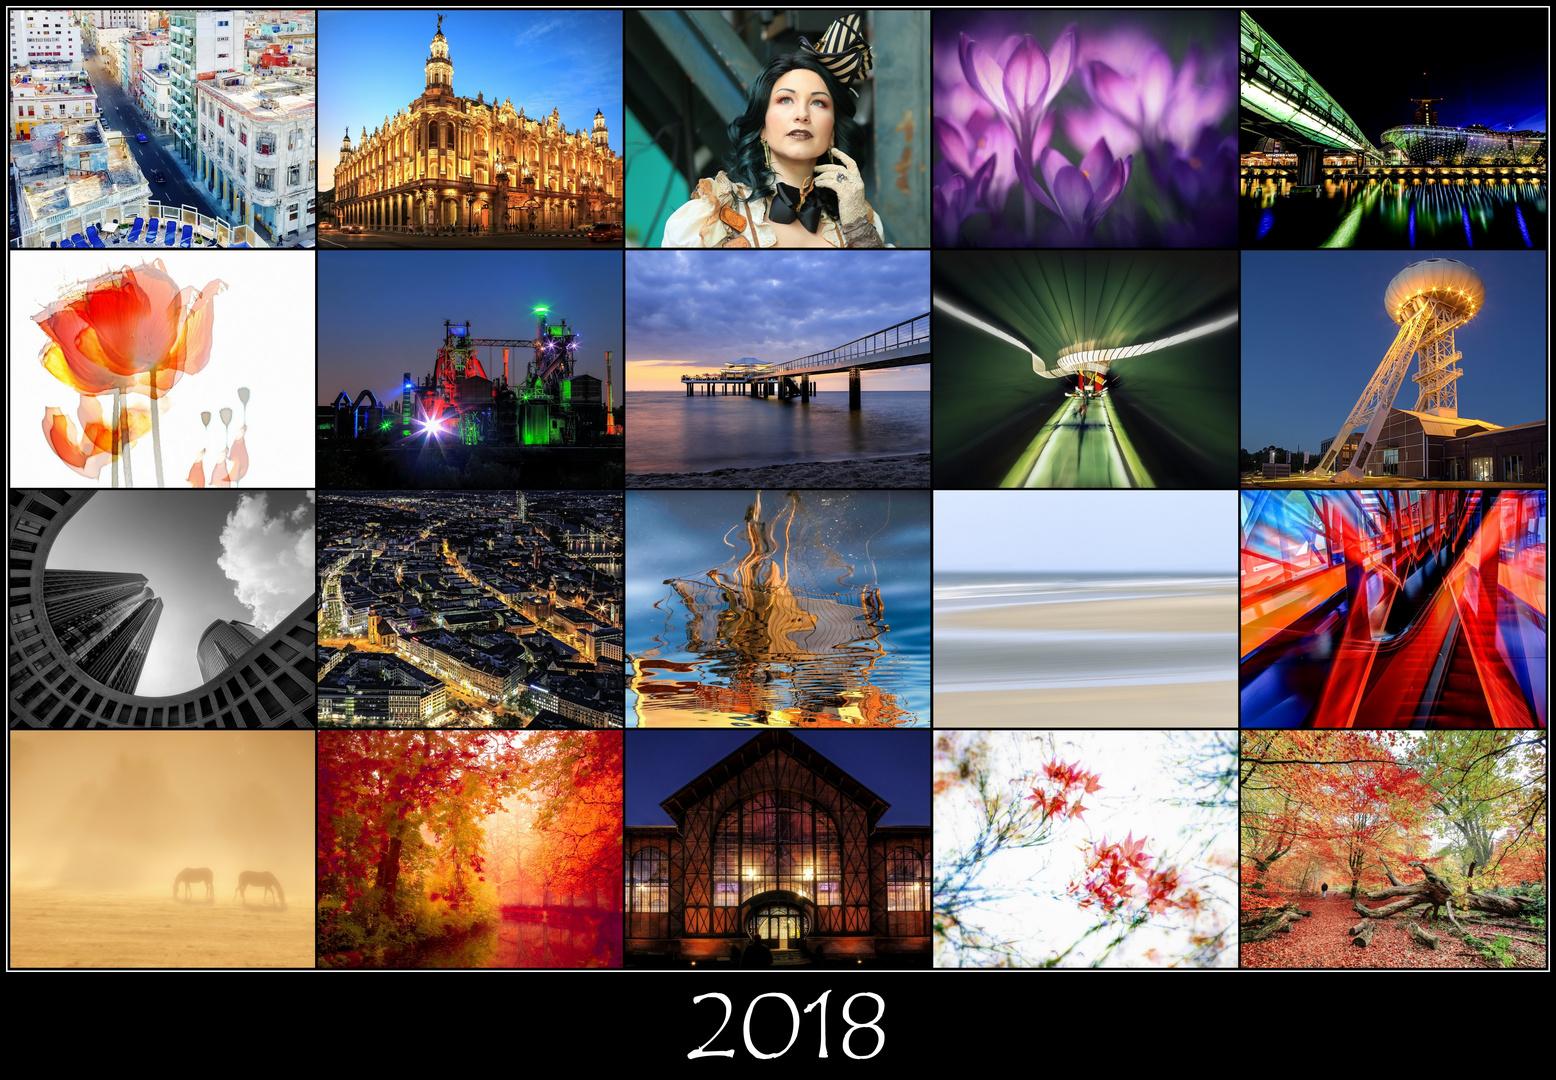 2018 best of